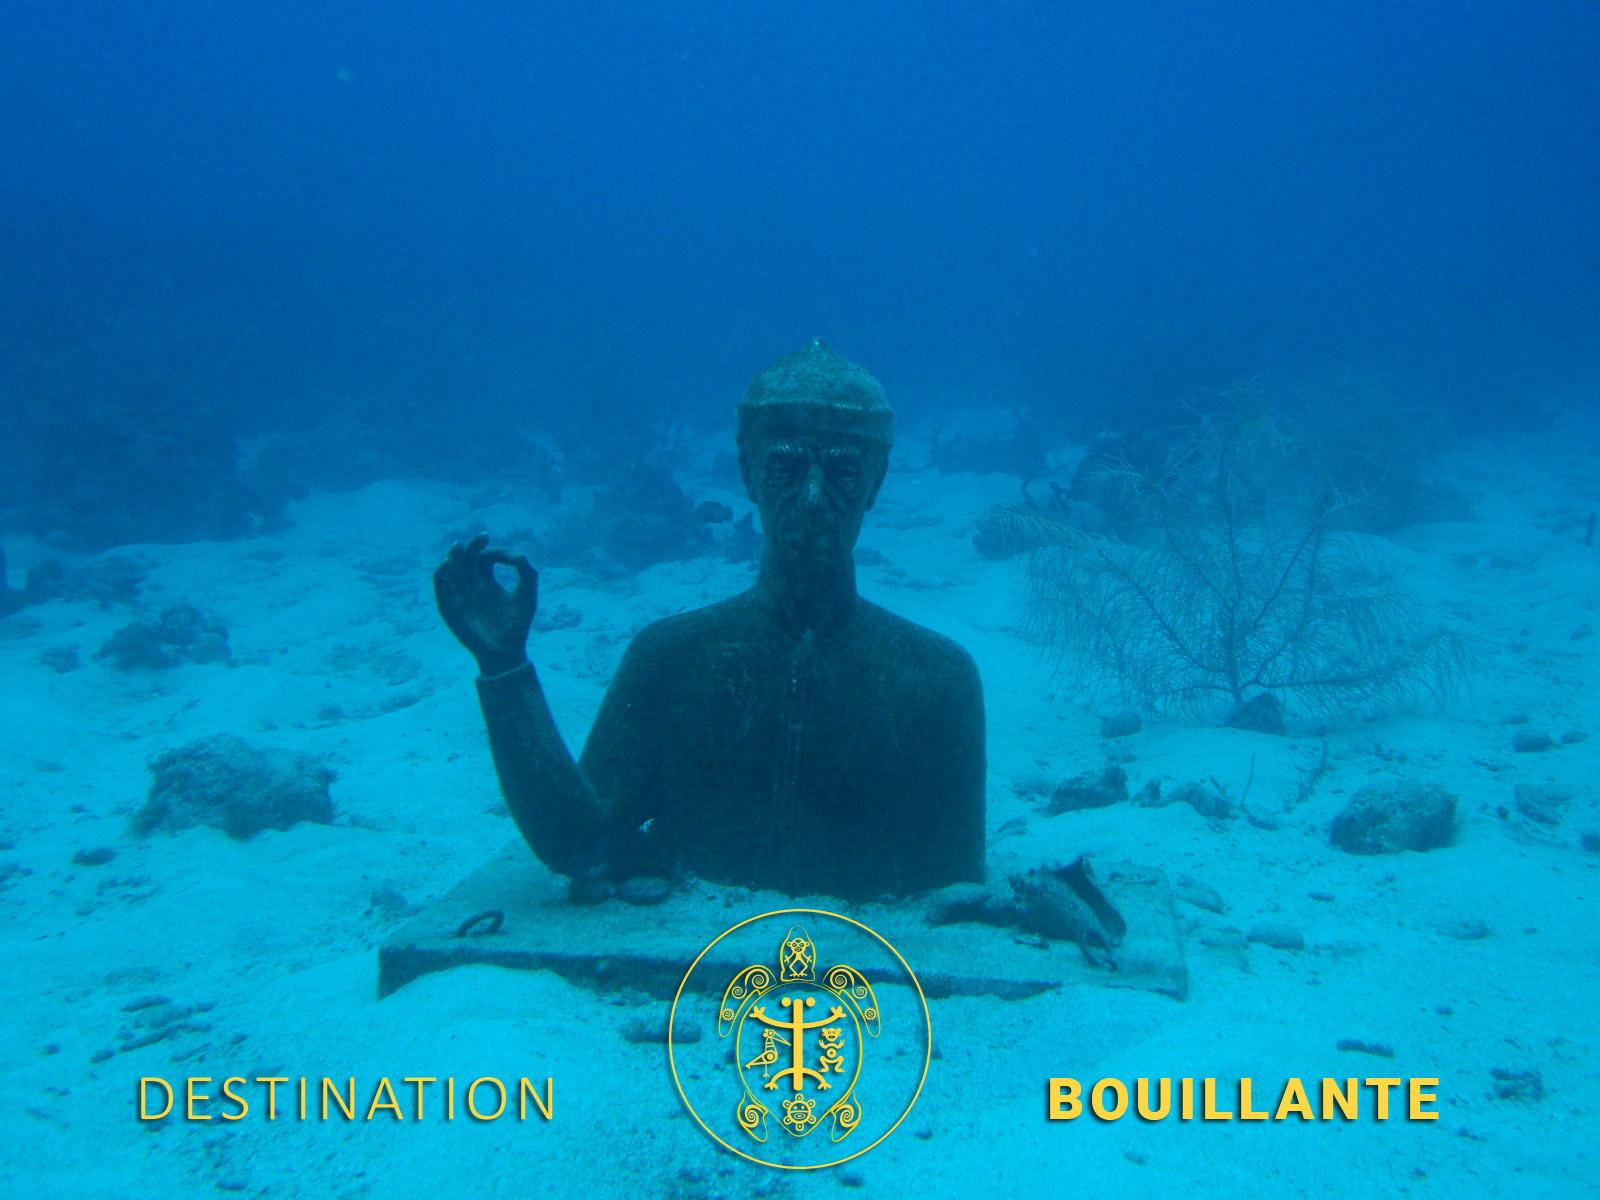 Buste du commandant Cousteau - Bouillante